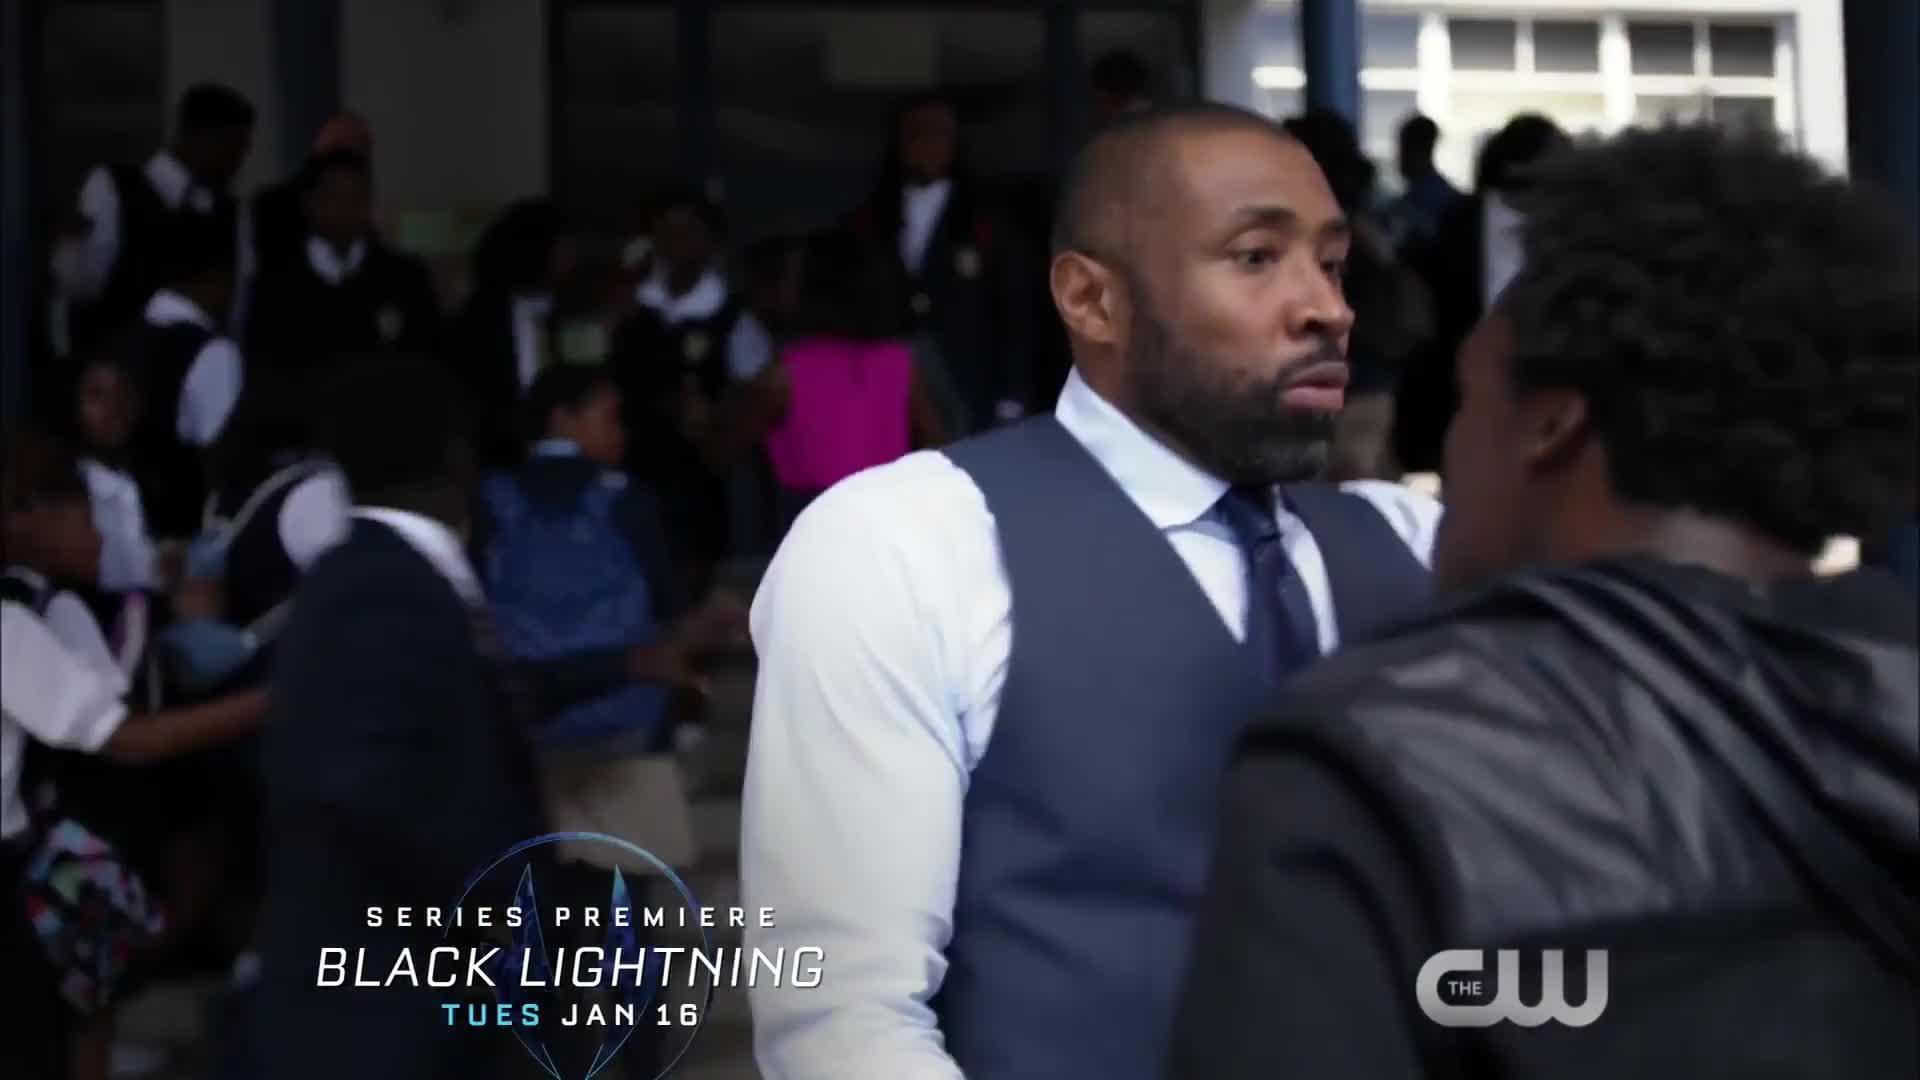 Black Lighting - Resurrection Trailer